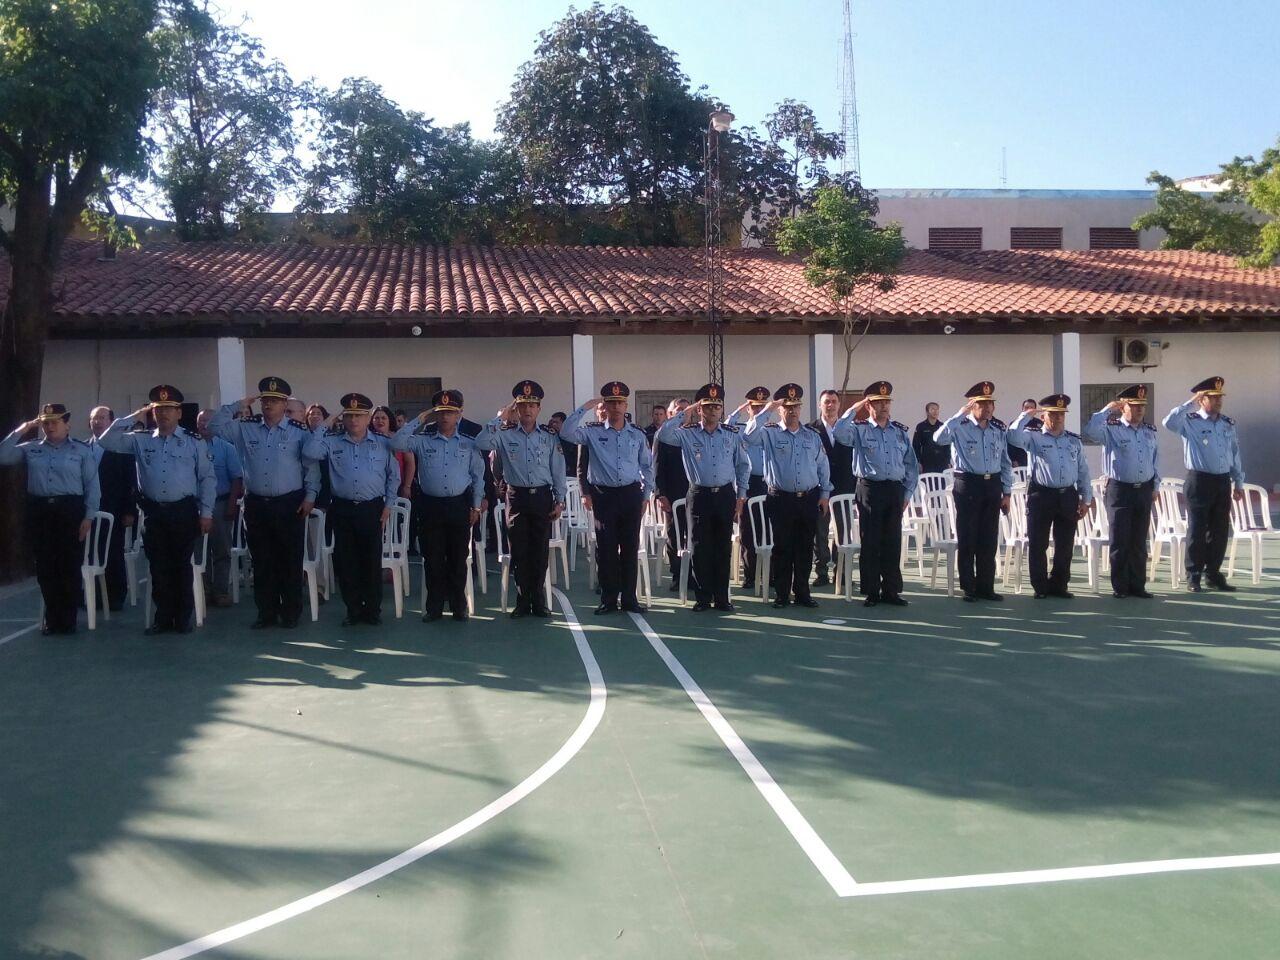 ACTO CEREMONIAL DE INAUGURACIÓN DE MEJORAS EDILICIAS DE LA COMISARÍA 7ª METROPOLITANA